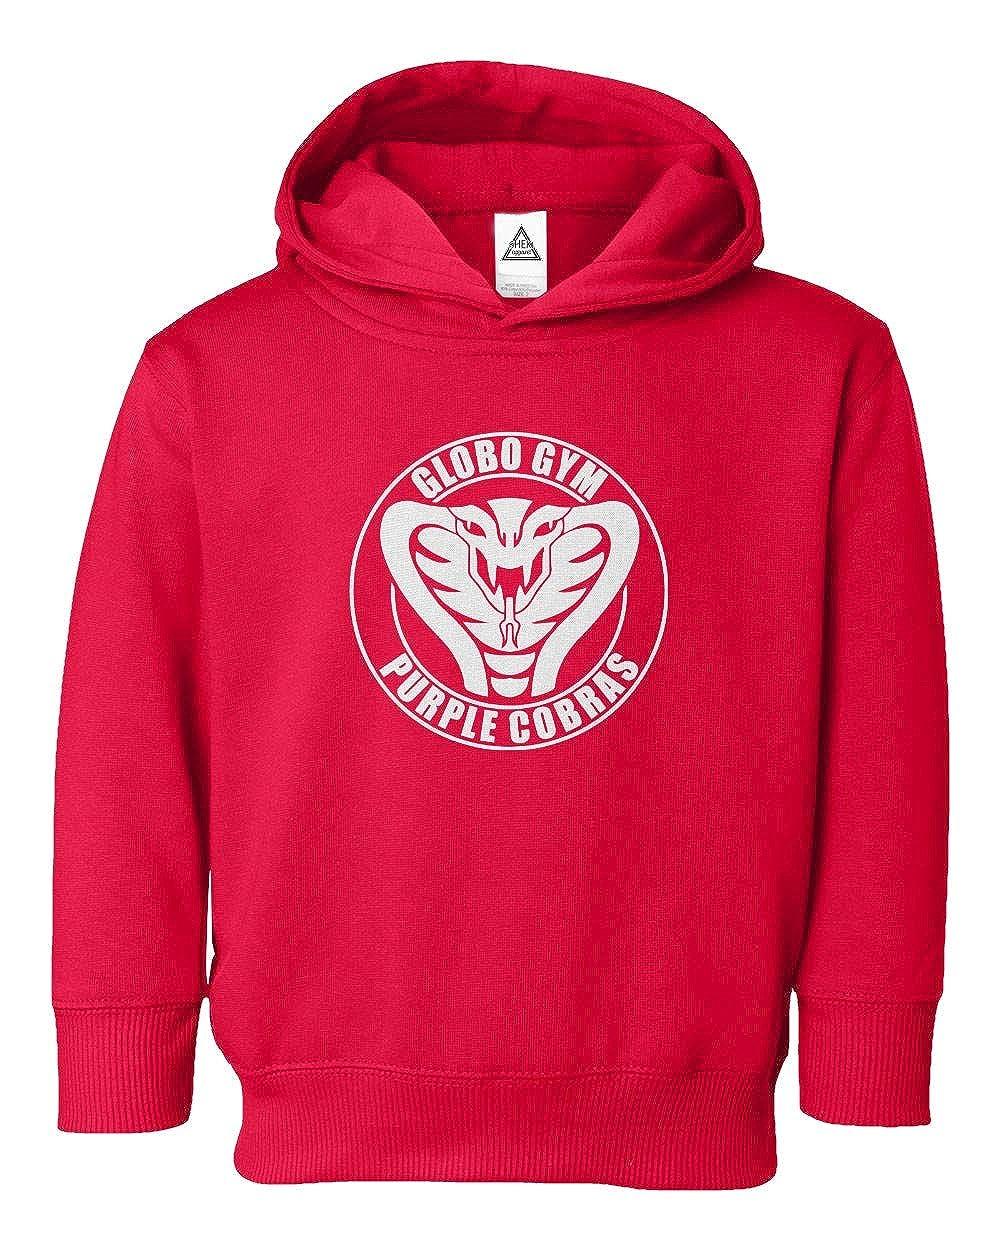 Globo Gym Cobras Little Kids Hoodie Toddler Sweatshirt